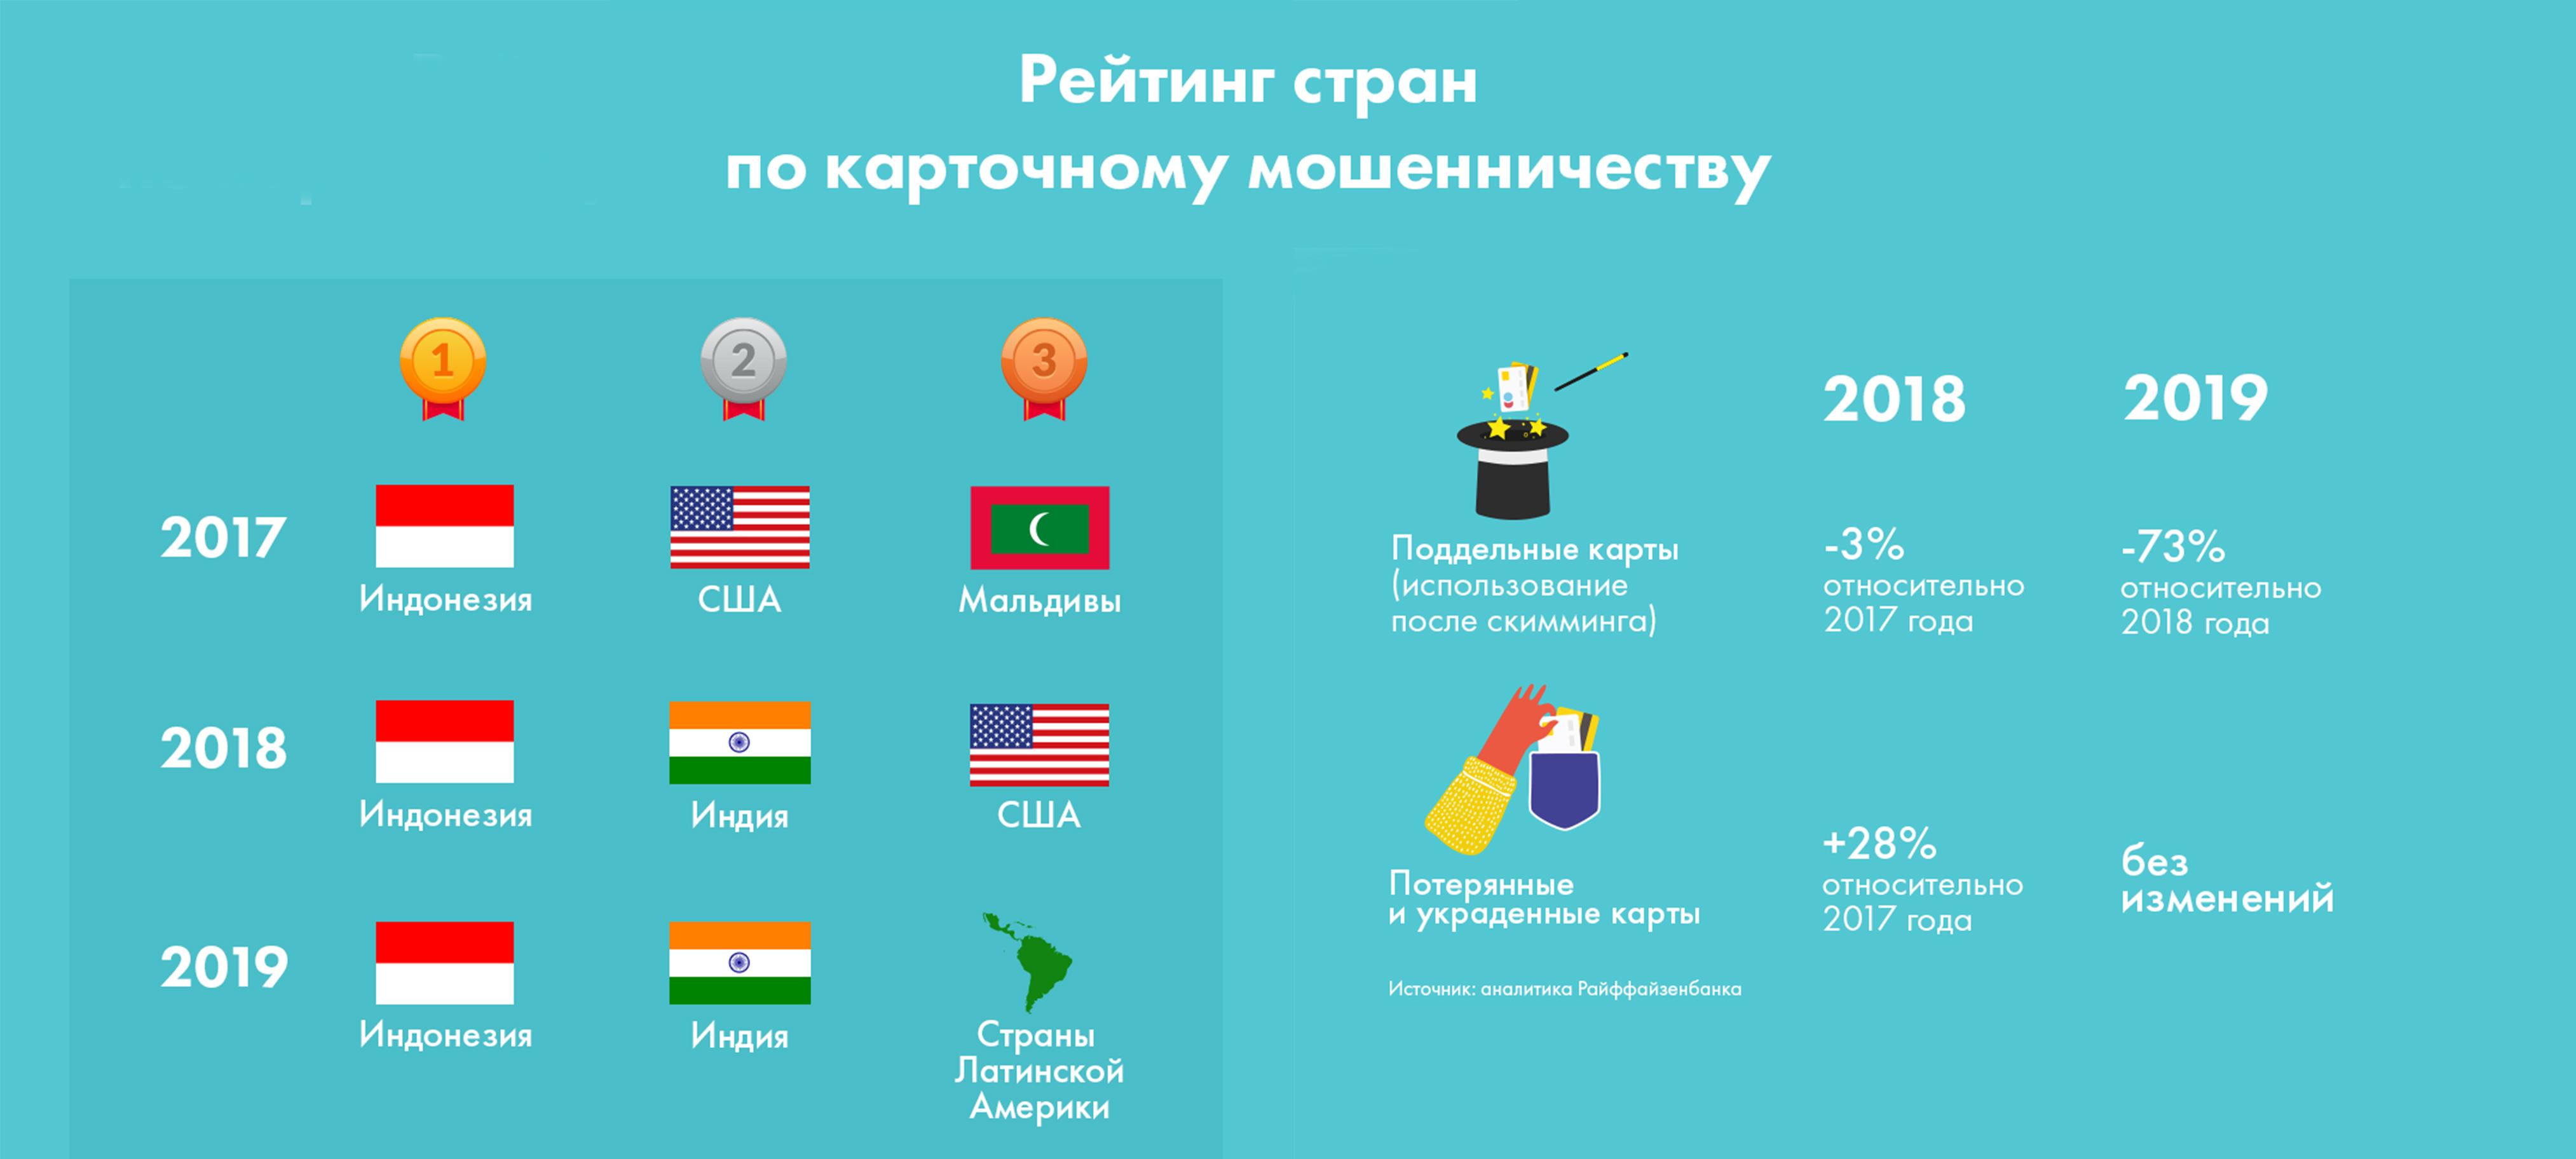 Исследователи выяснили, в какой стране у русских туристов чаще всего воруют деньги с карт